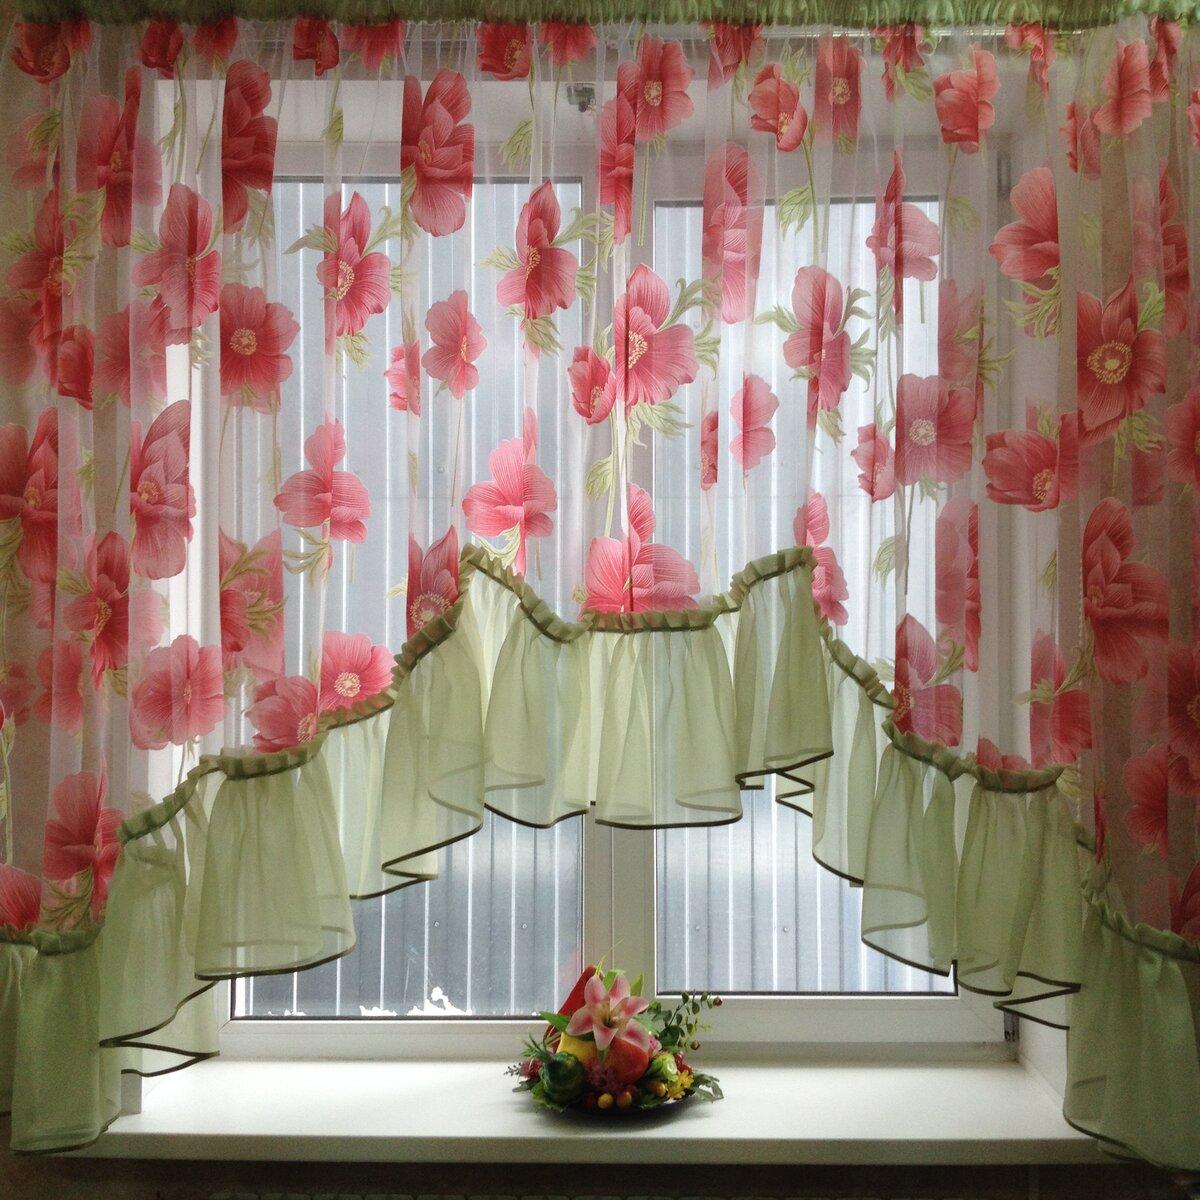 пошить шторы на кухню своими руками фото несмотря